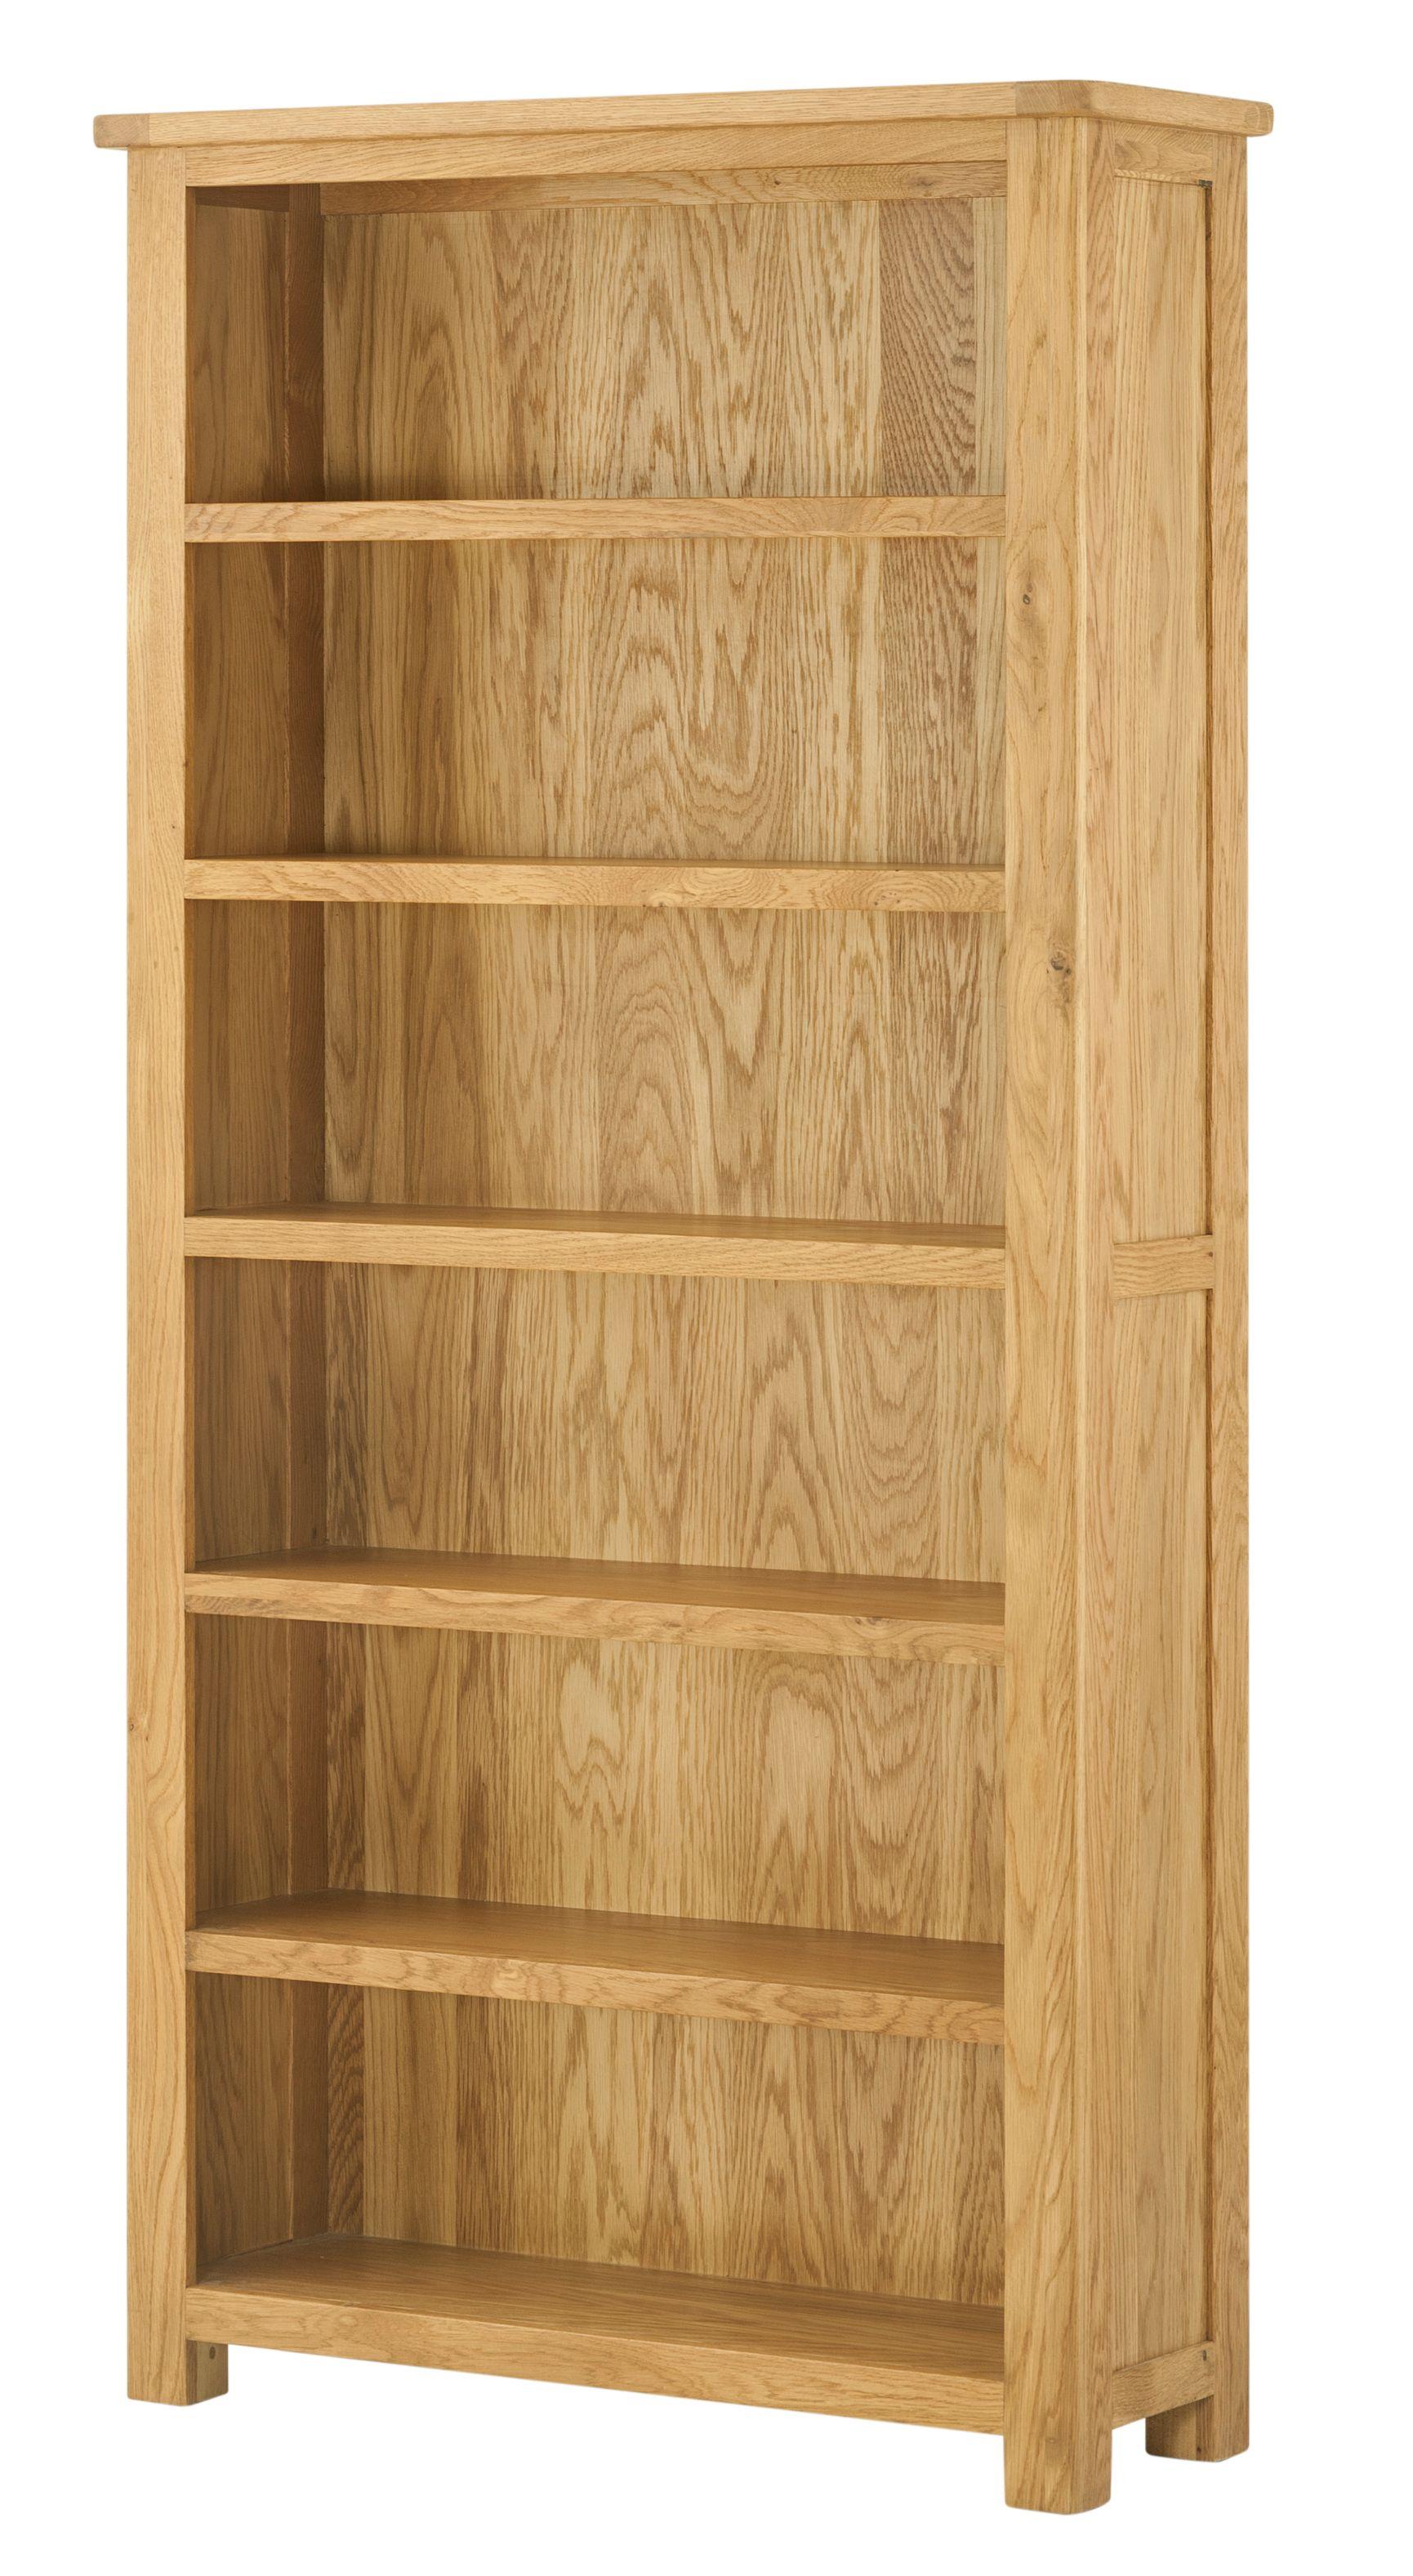 PRESTON GRAND Large Bookcase